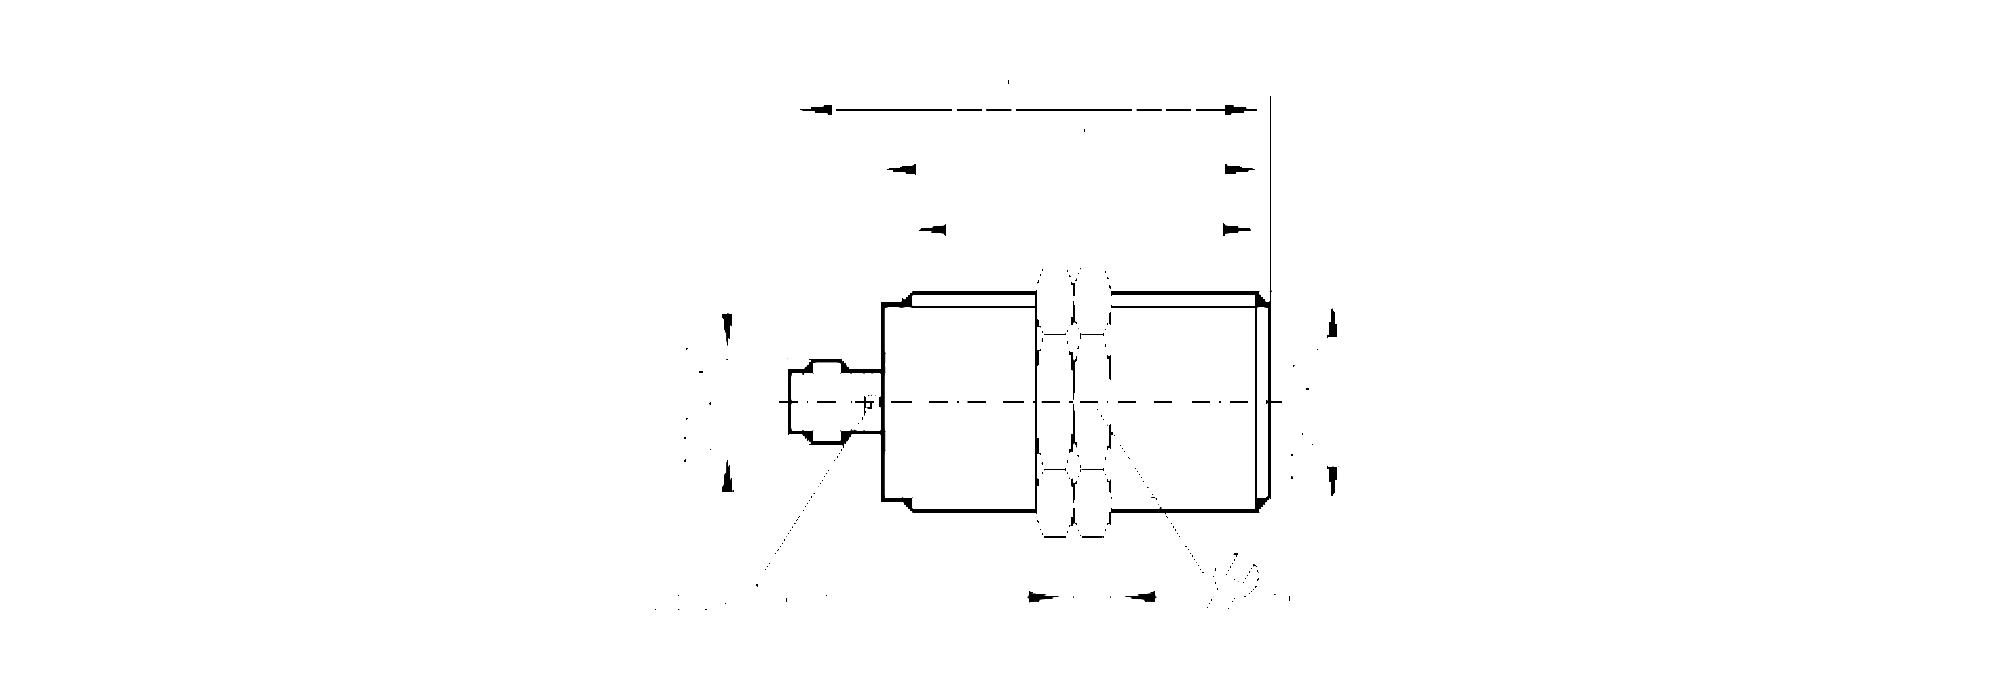 iic218 - inductive sensor